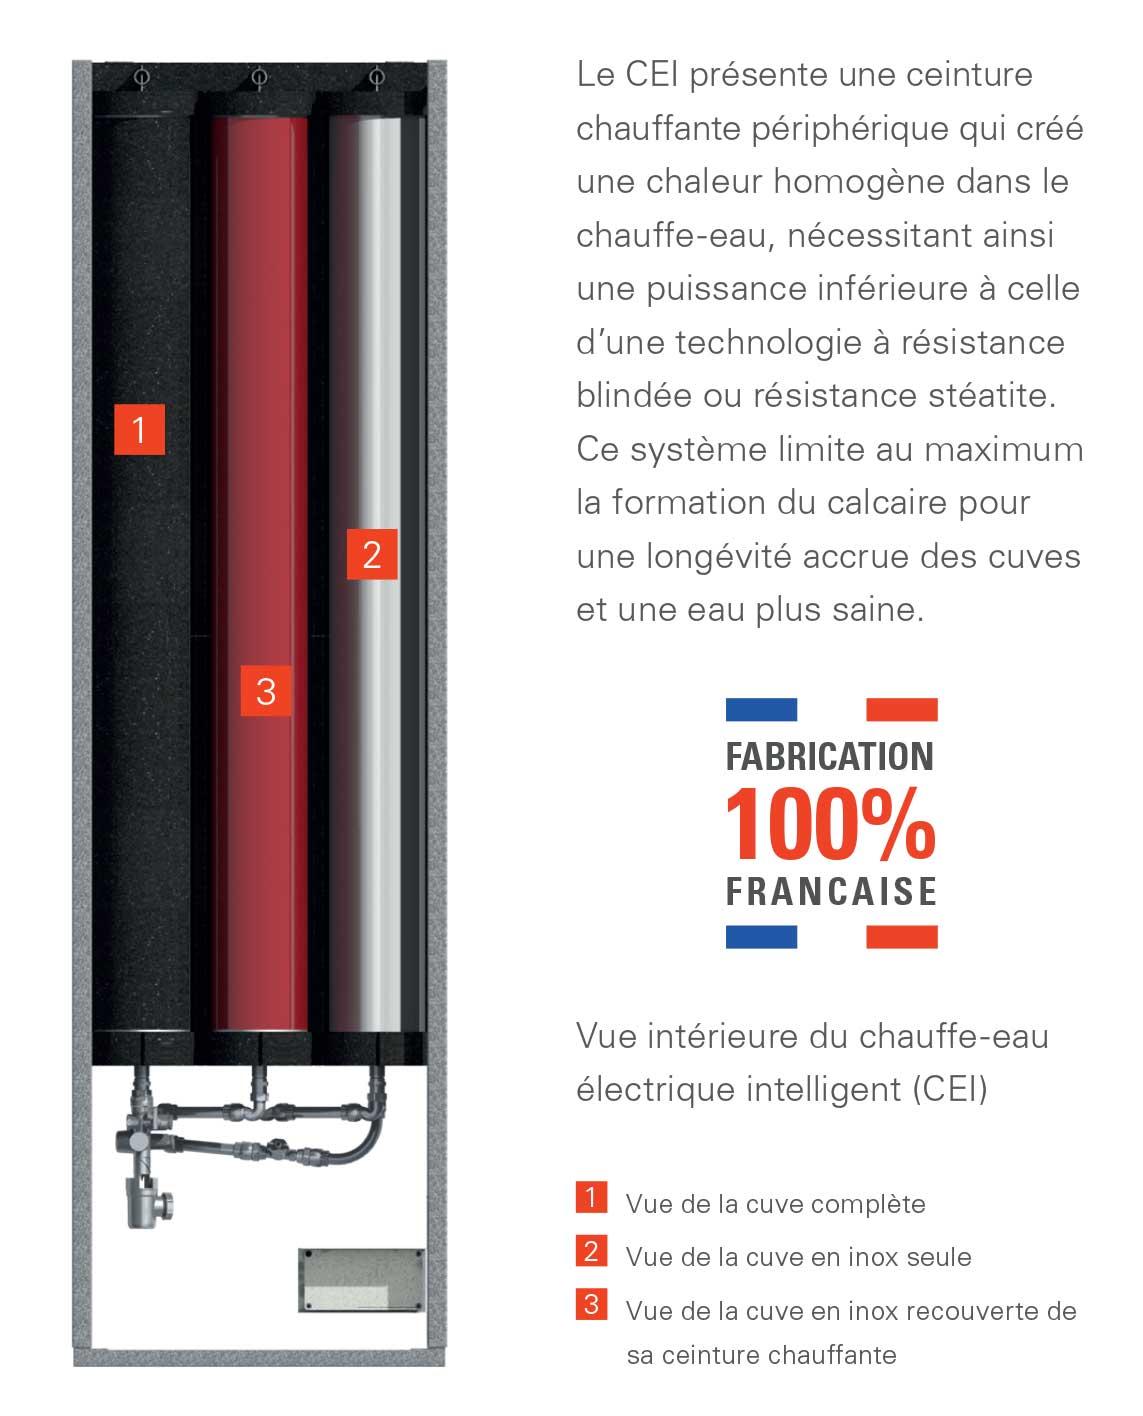 viessmann CEI chauffe-eau electrique intelligent vue interieure coupe